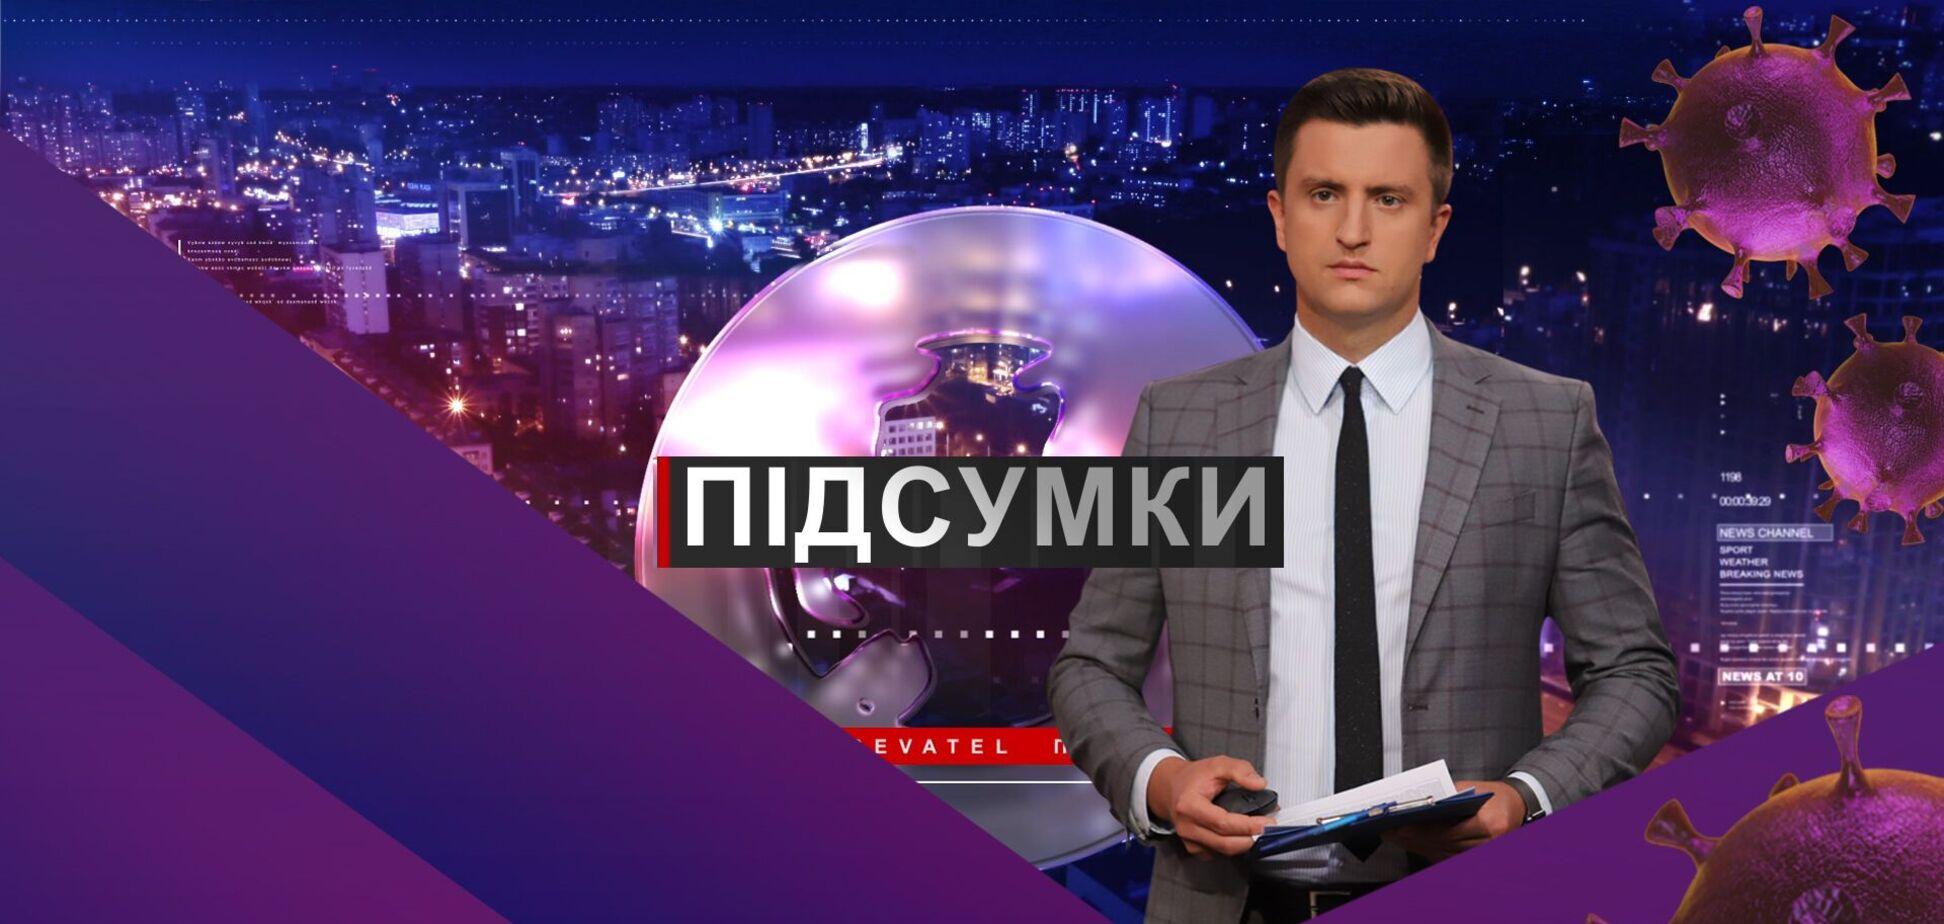 Підсумки дня з Вадимом Колодійчуком. П'ятниця, 23 жовтня